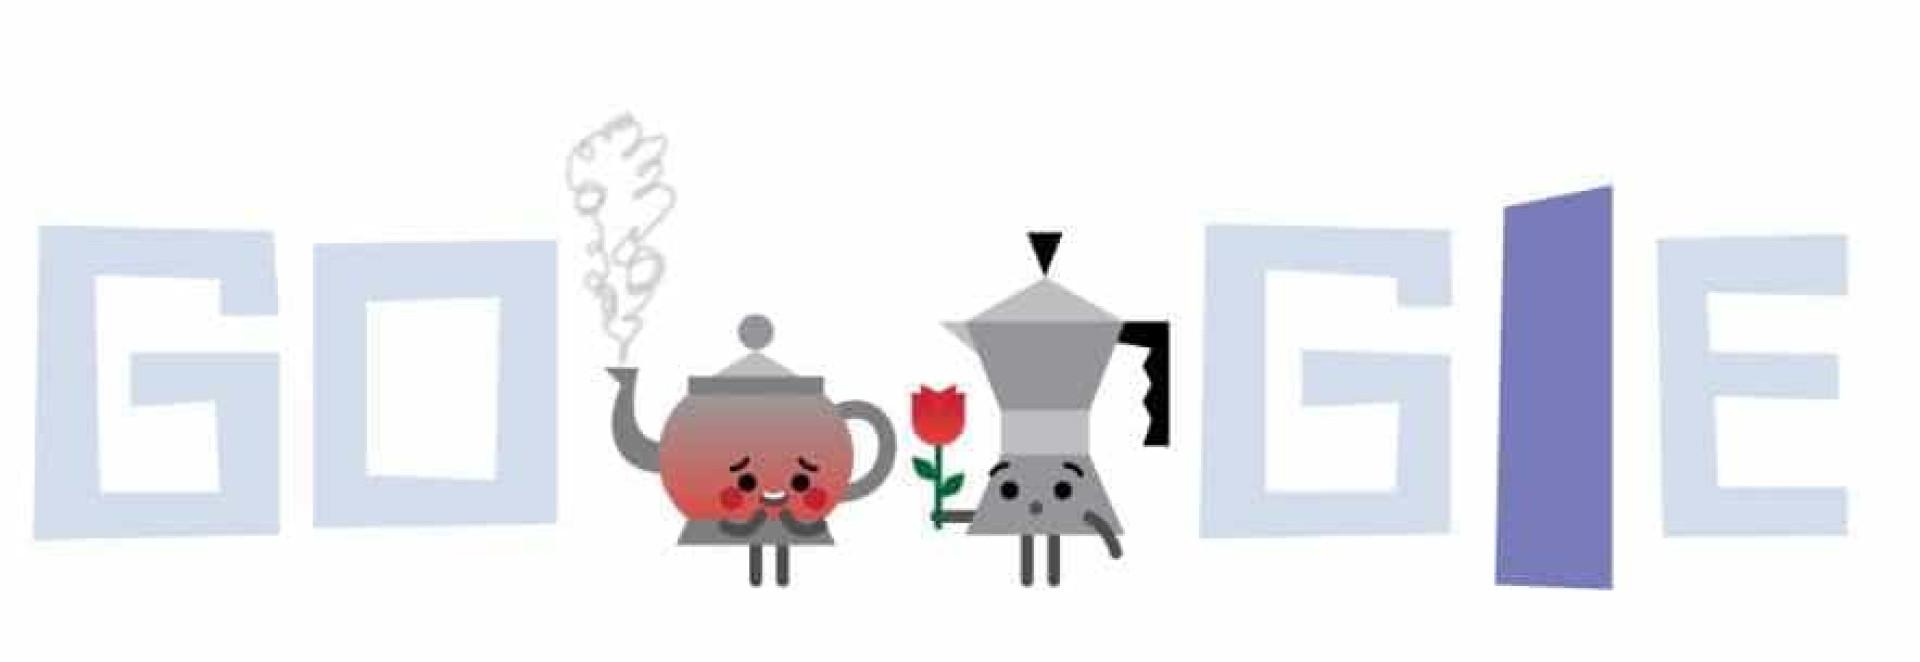 Relembre Doodles apaixonantes de Dia dos Namorados